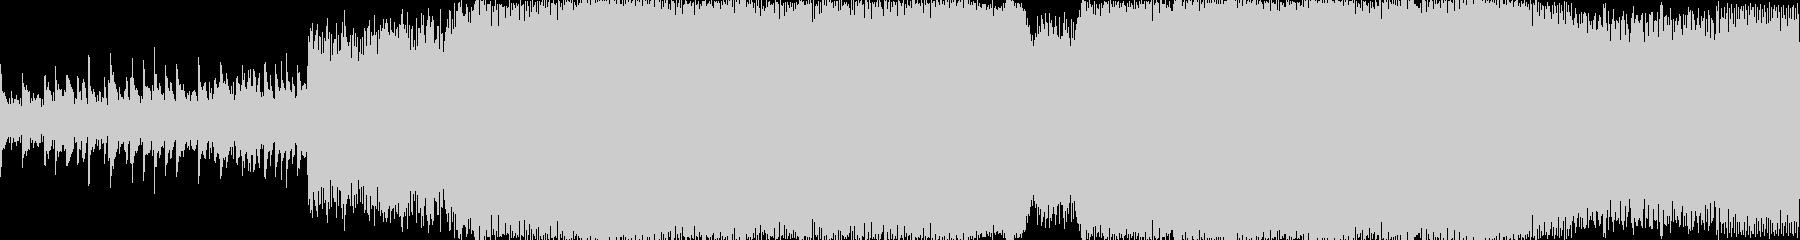 テクノ 技術的な お洒落 ハイテク...の未再生の波形